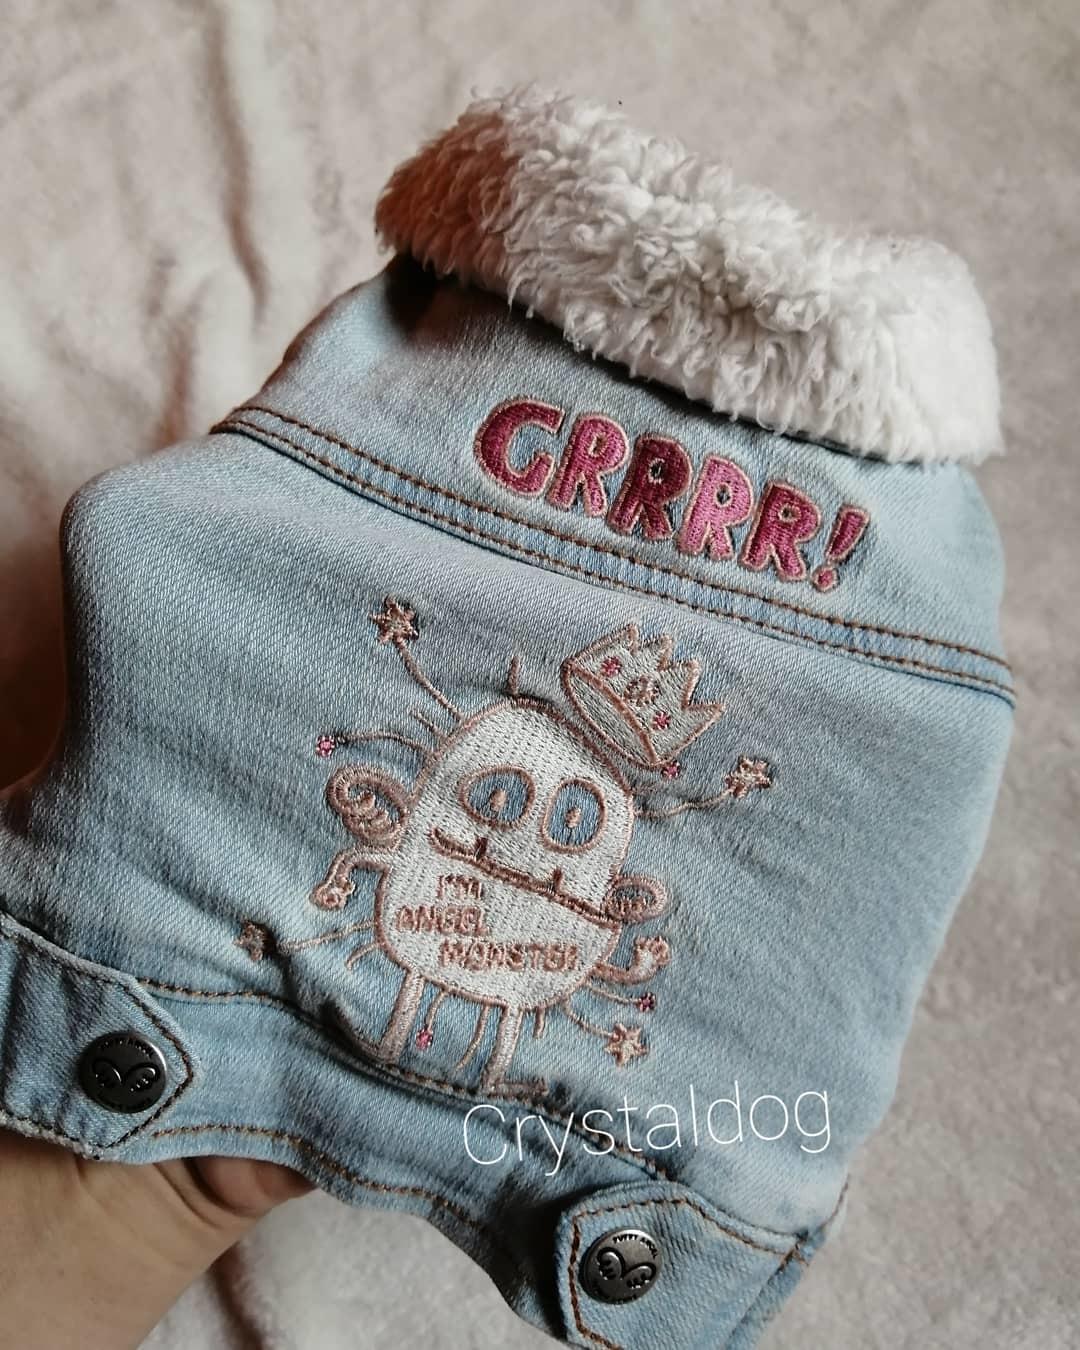 525 PA - Джинсовая куртка для собаки на меху